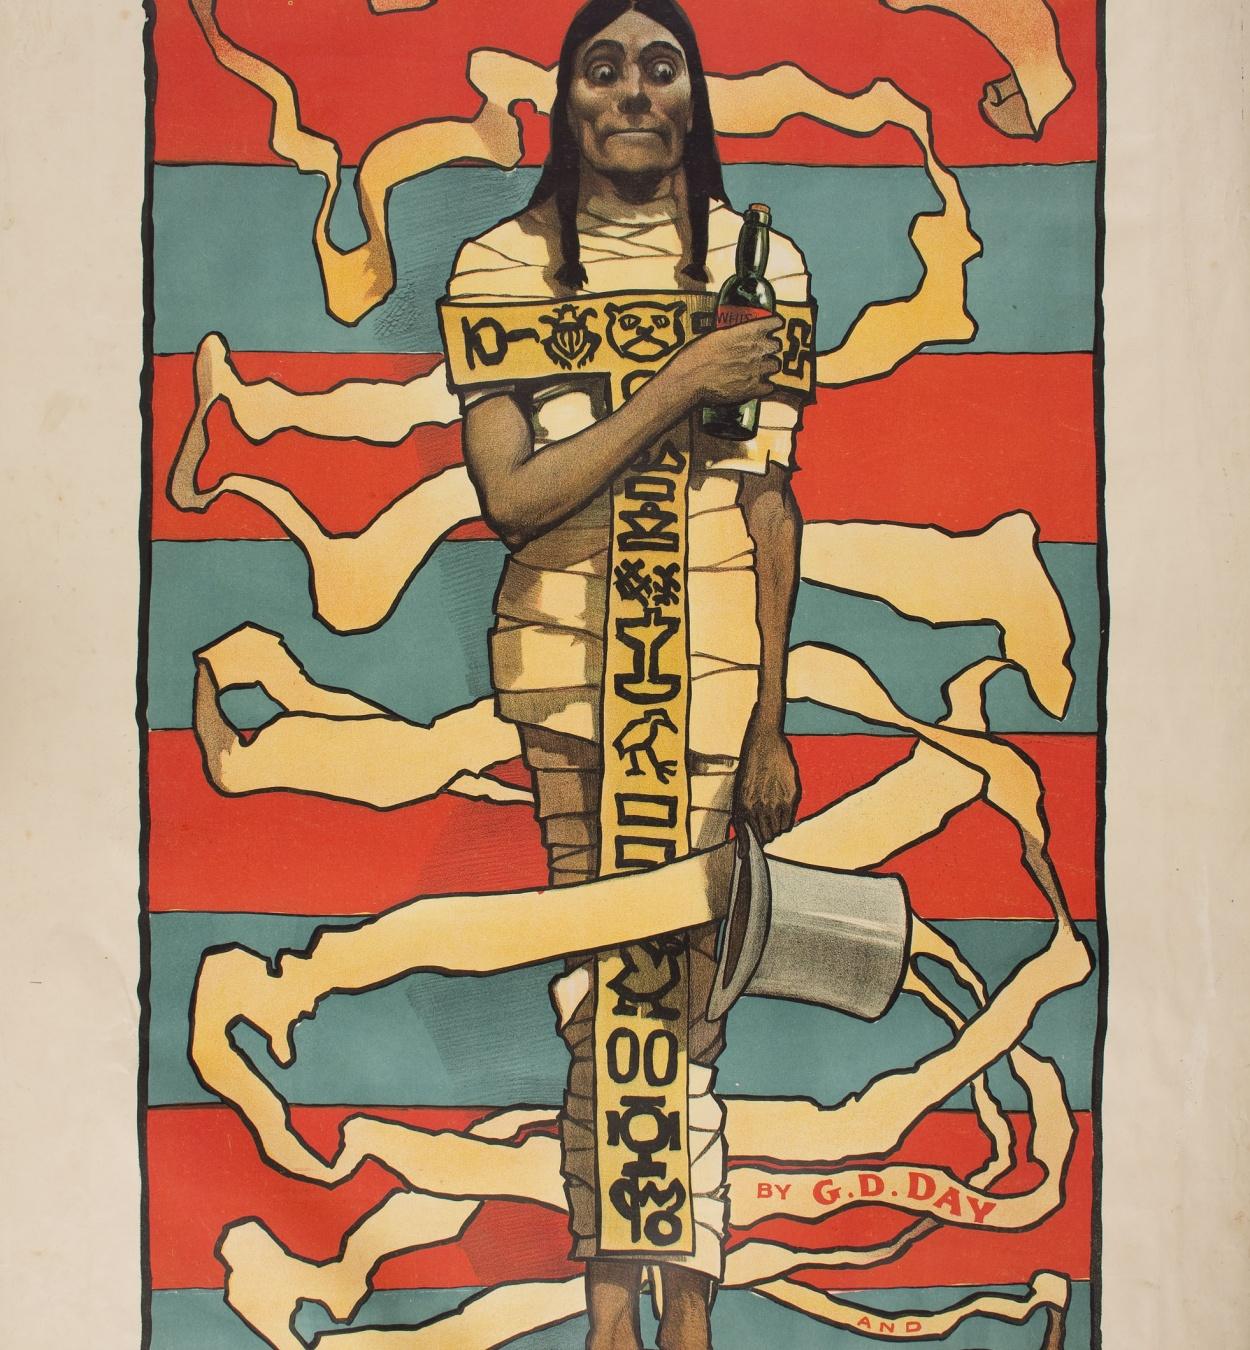 John Hassall - The Mummy - Circa 1895